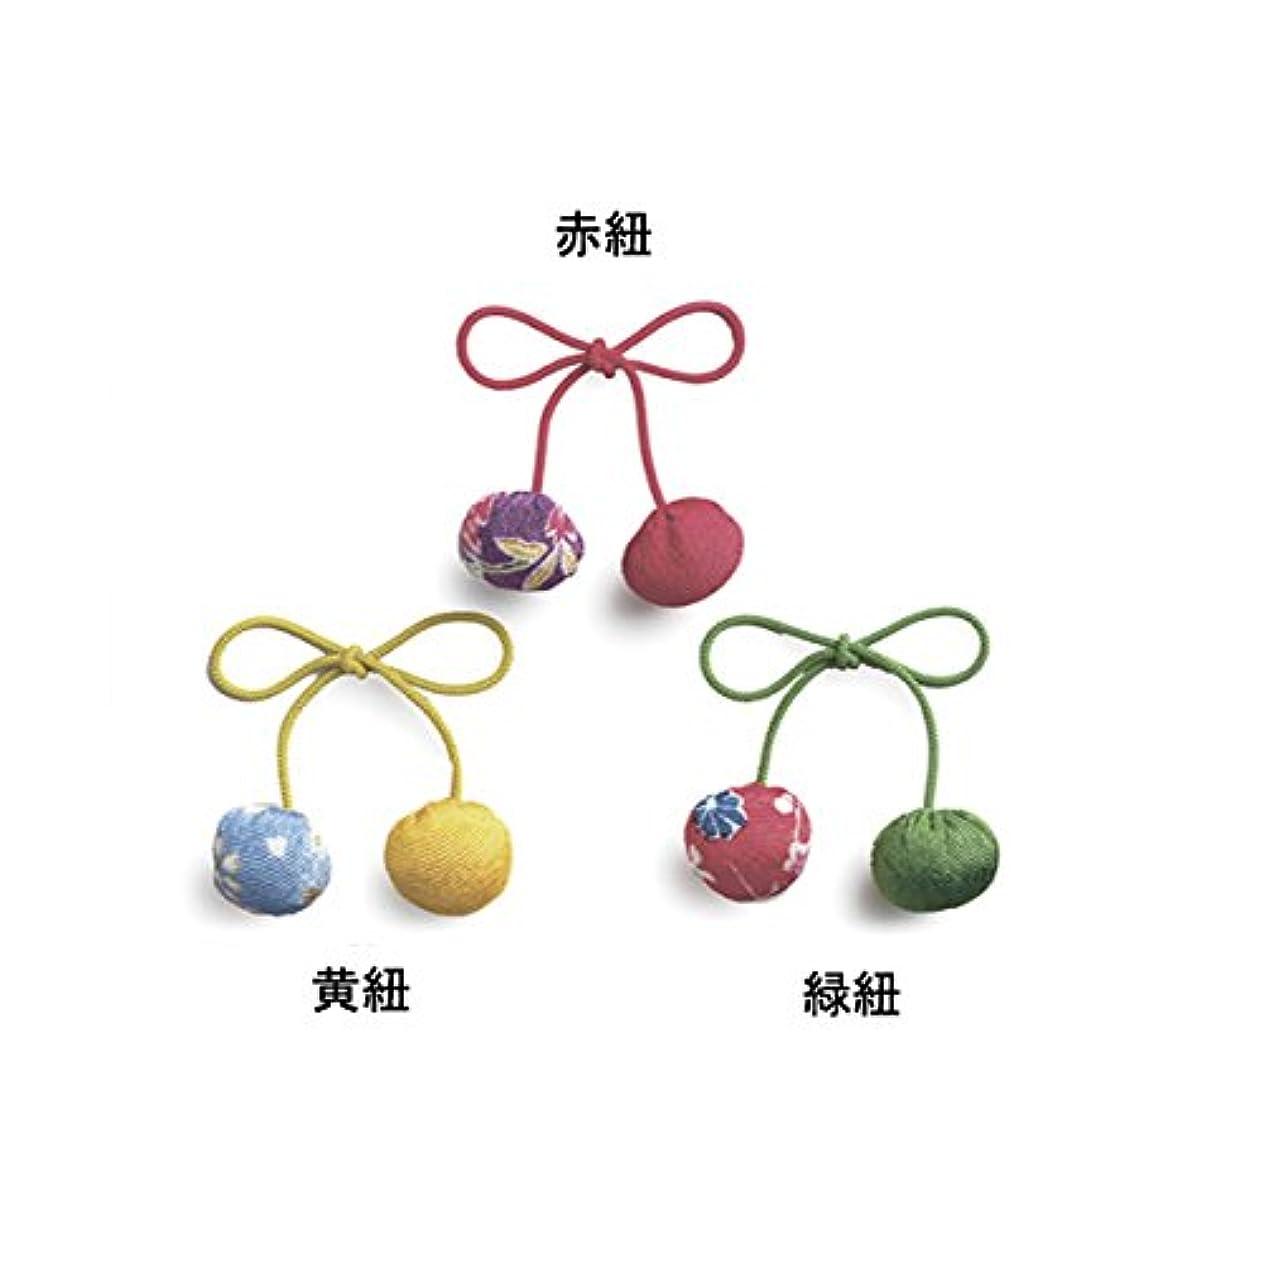 東ティモールシャンプー硬い香り結び紐 (黄)